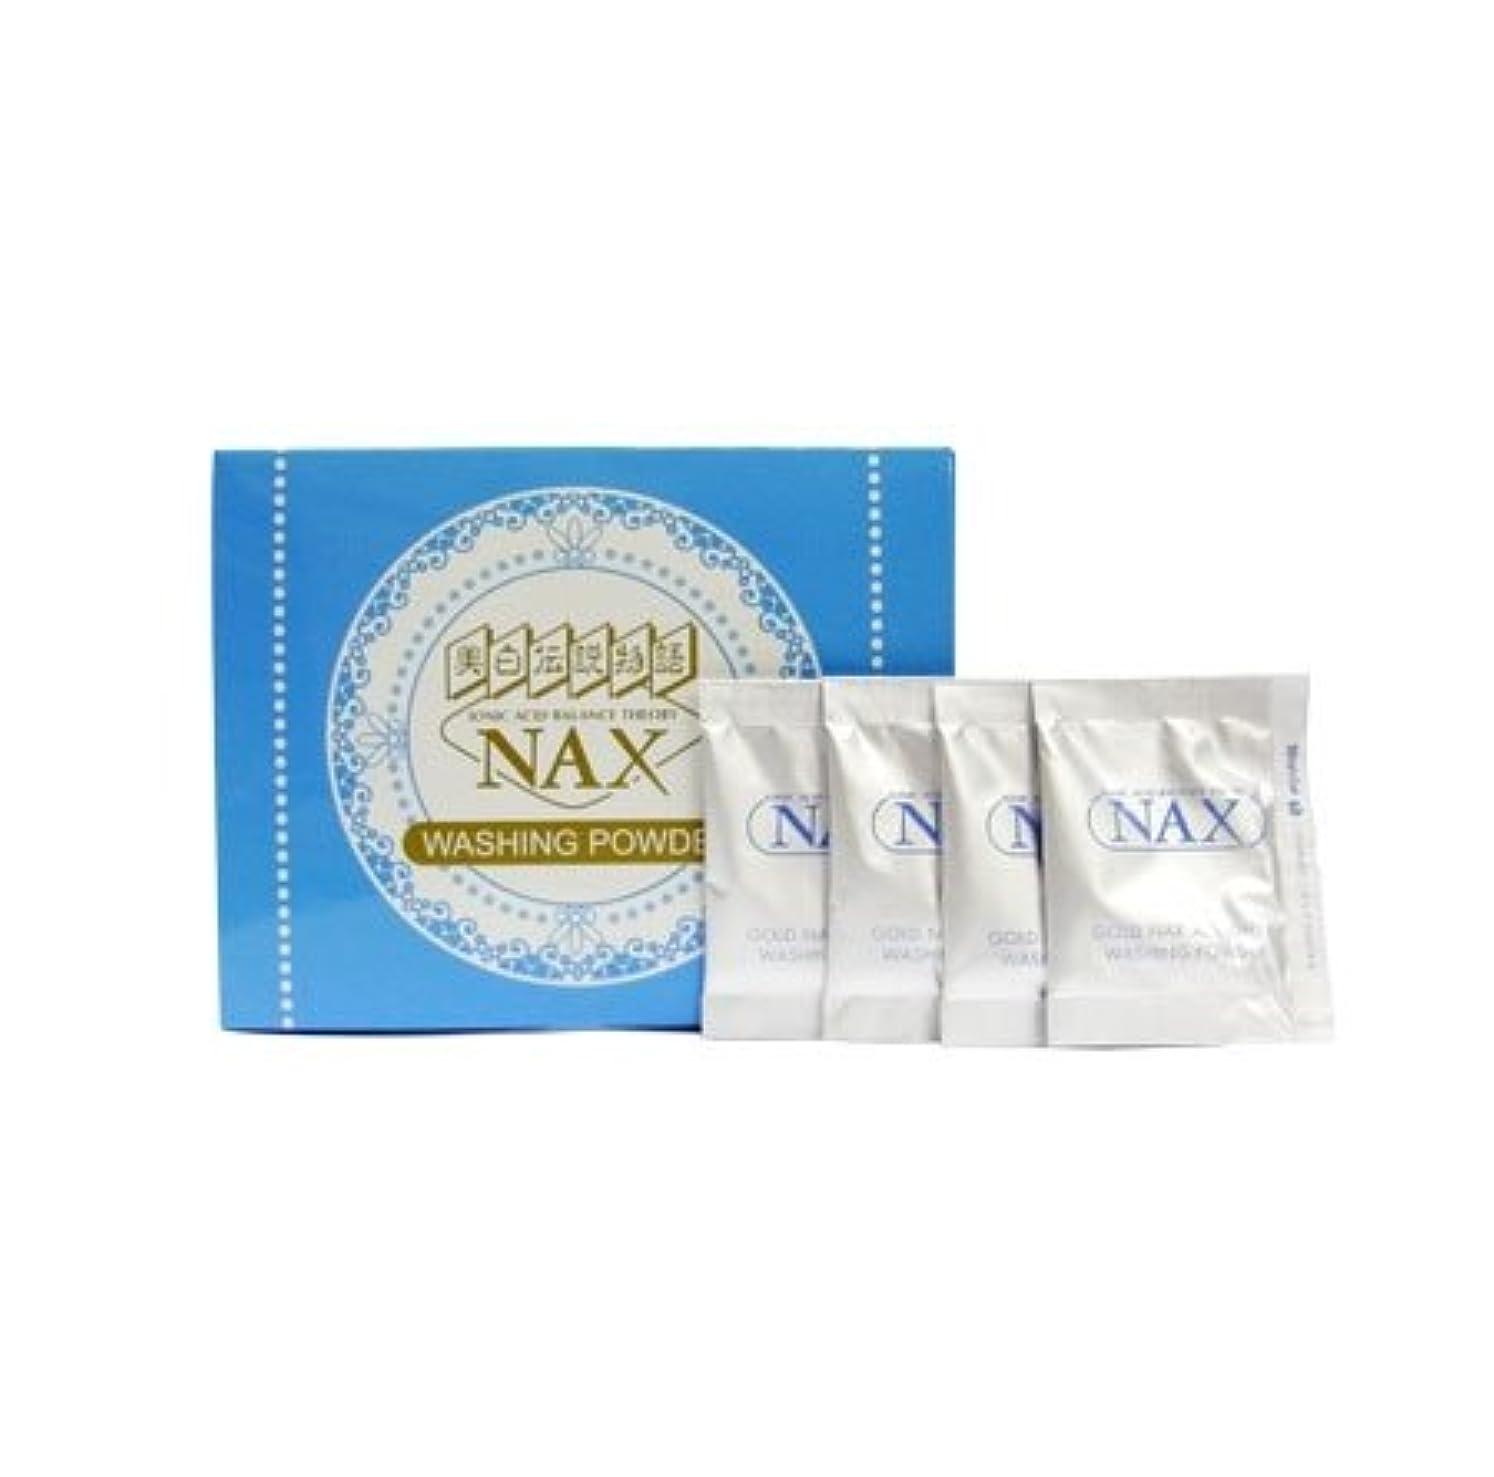 額迫害する希少性洗顔パウダー ウォッシングパウダー 洗顔 弱酸性 酵素洗顔料 敏感肌対応 (2箱)